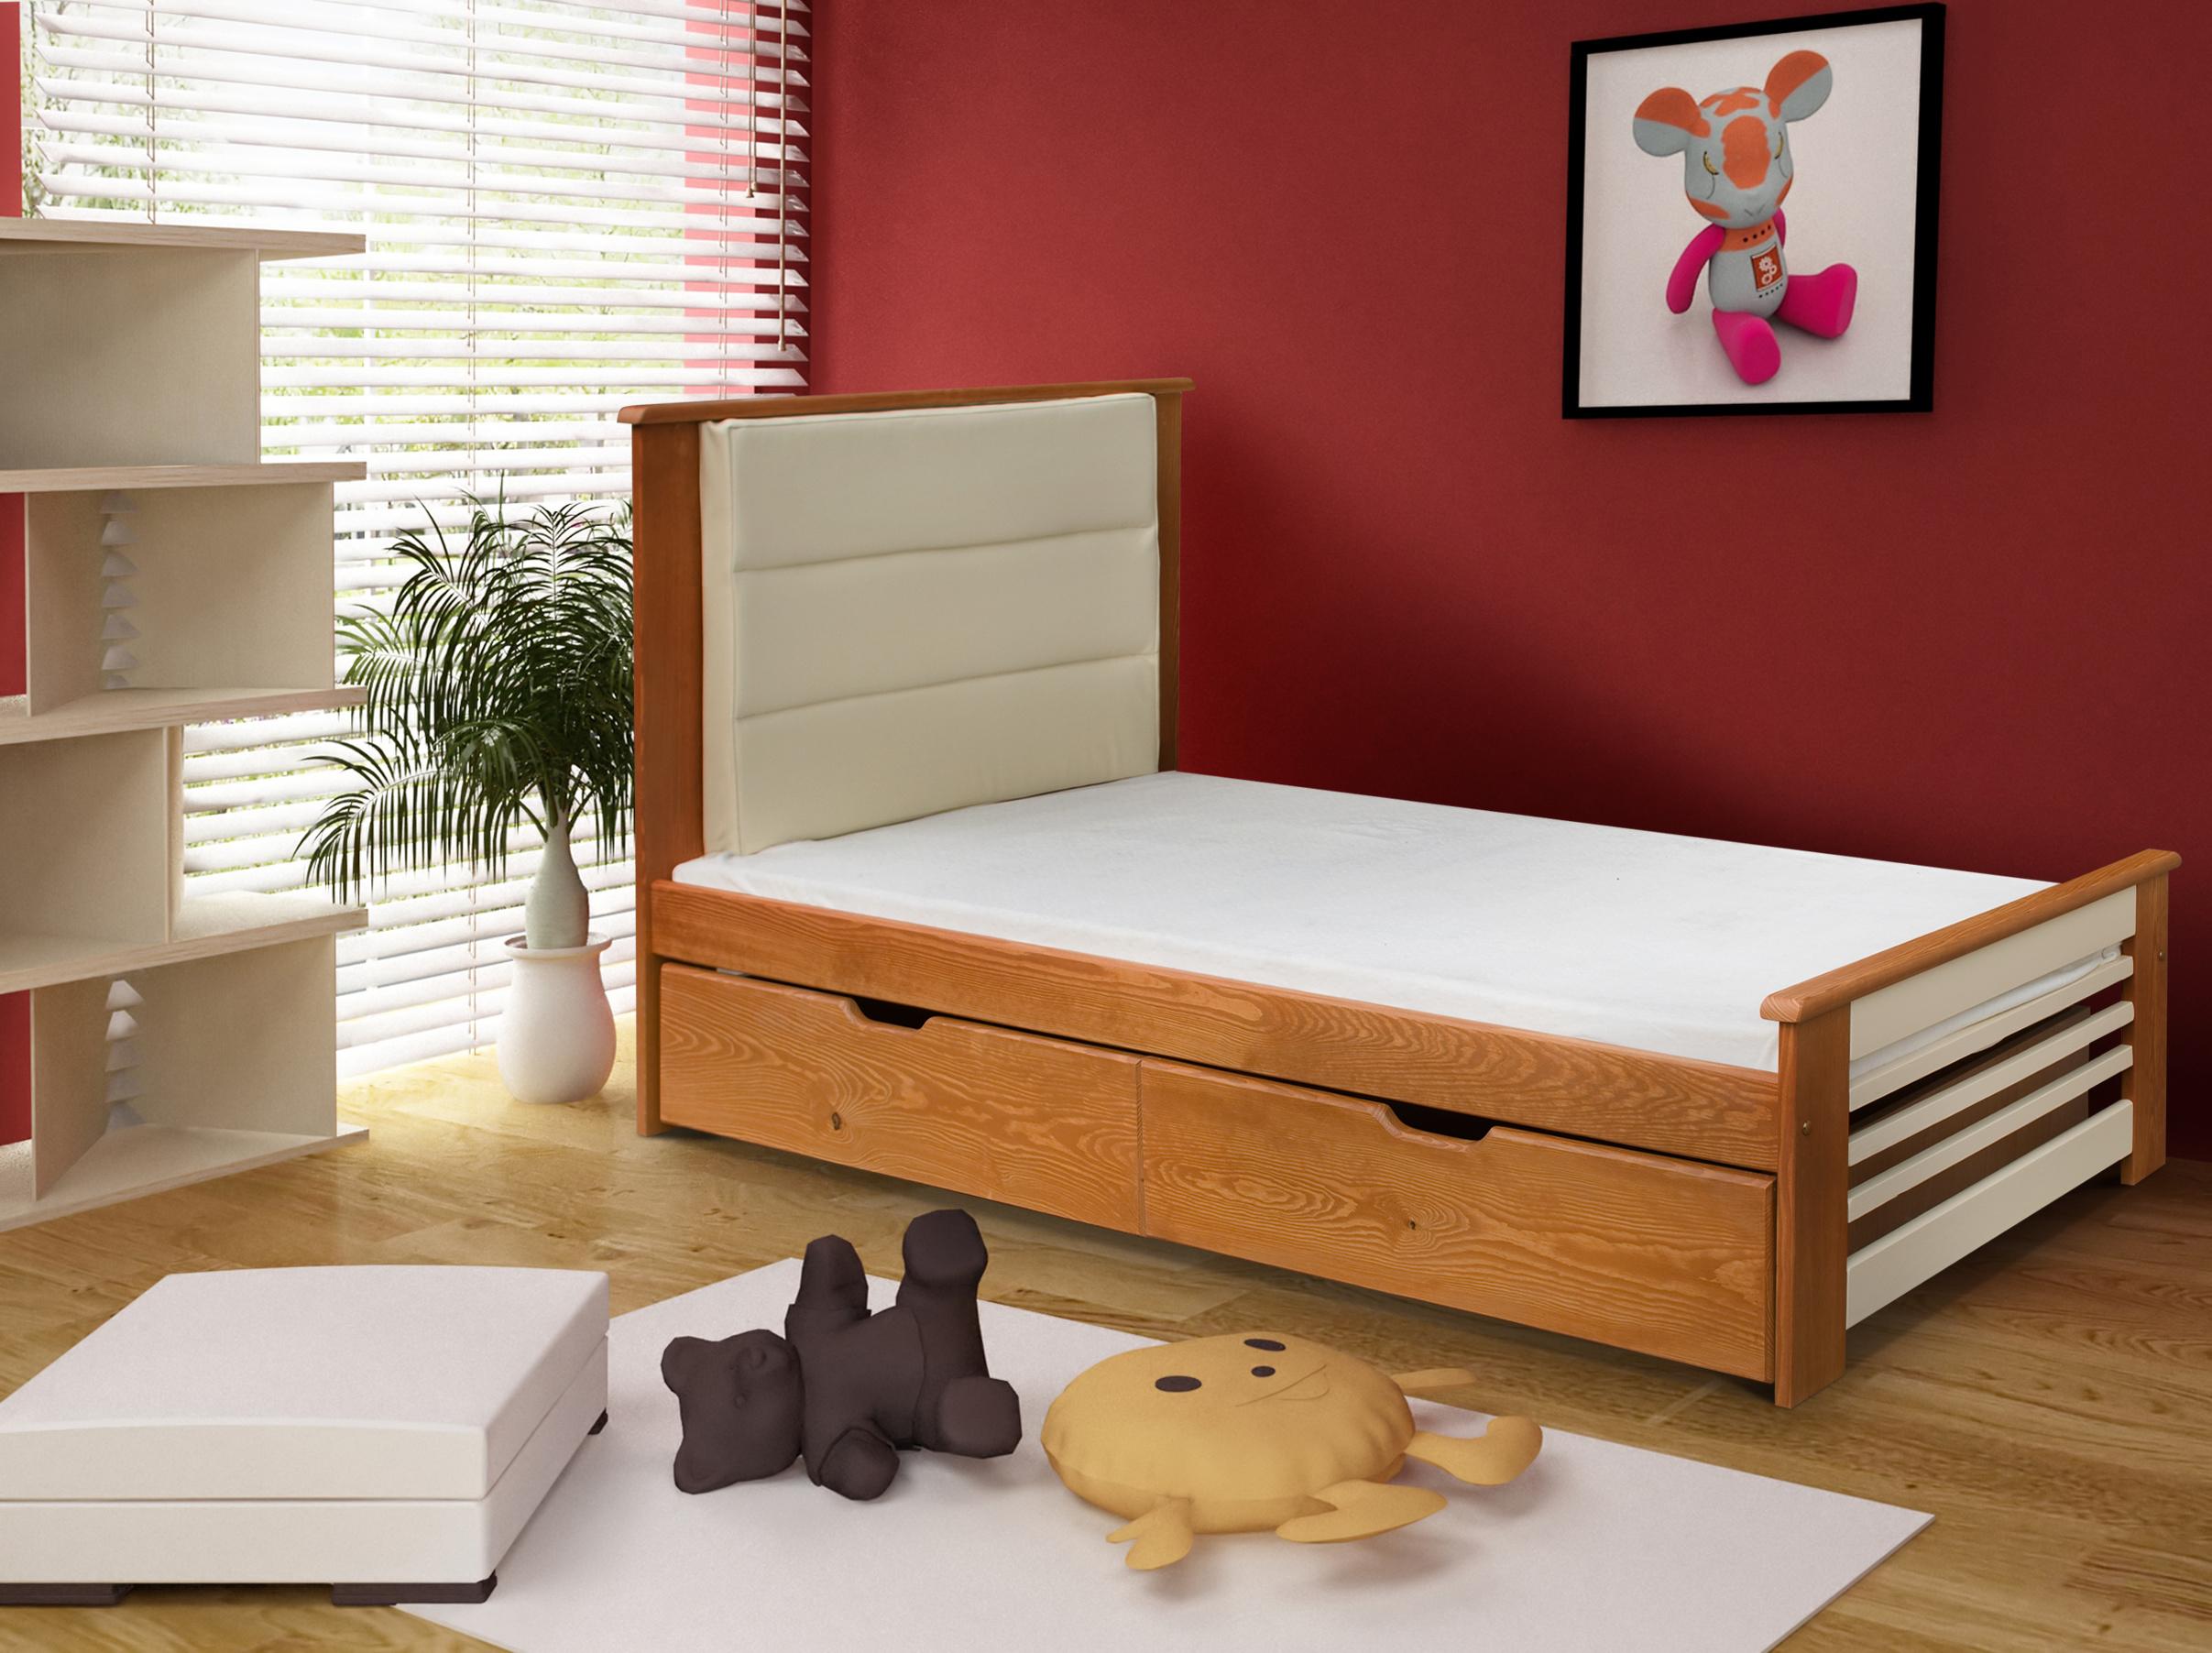 ArtBed Detská posteľ Amelia / 190x87x80 Farba: prírodná